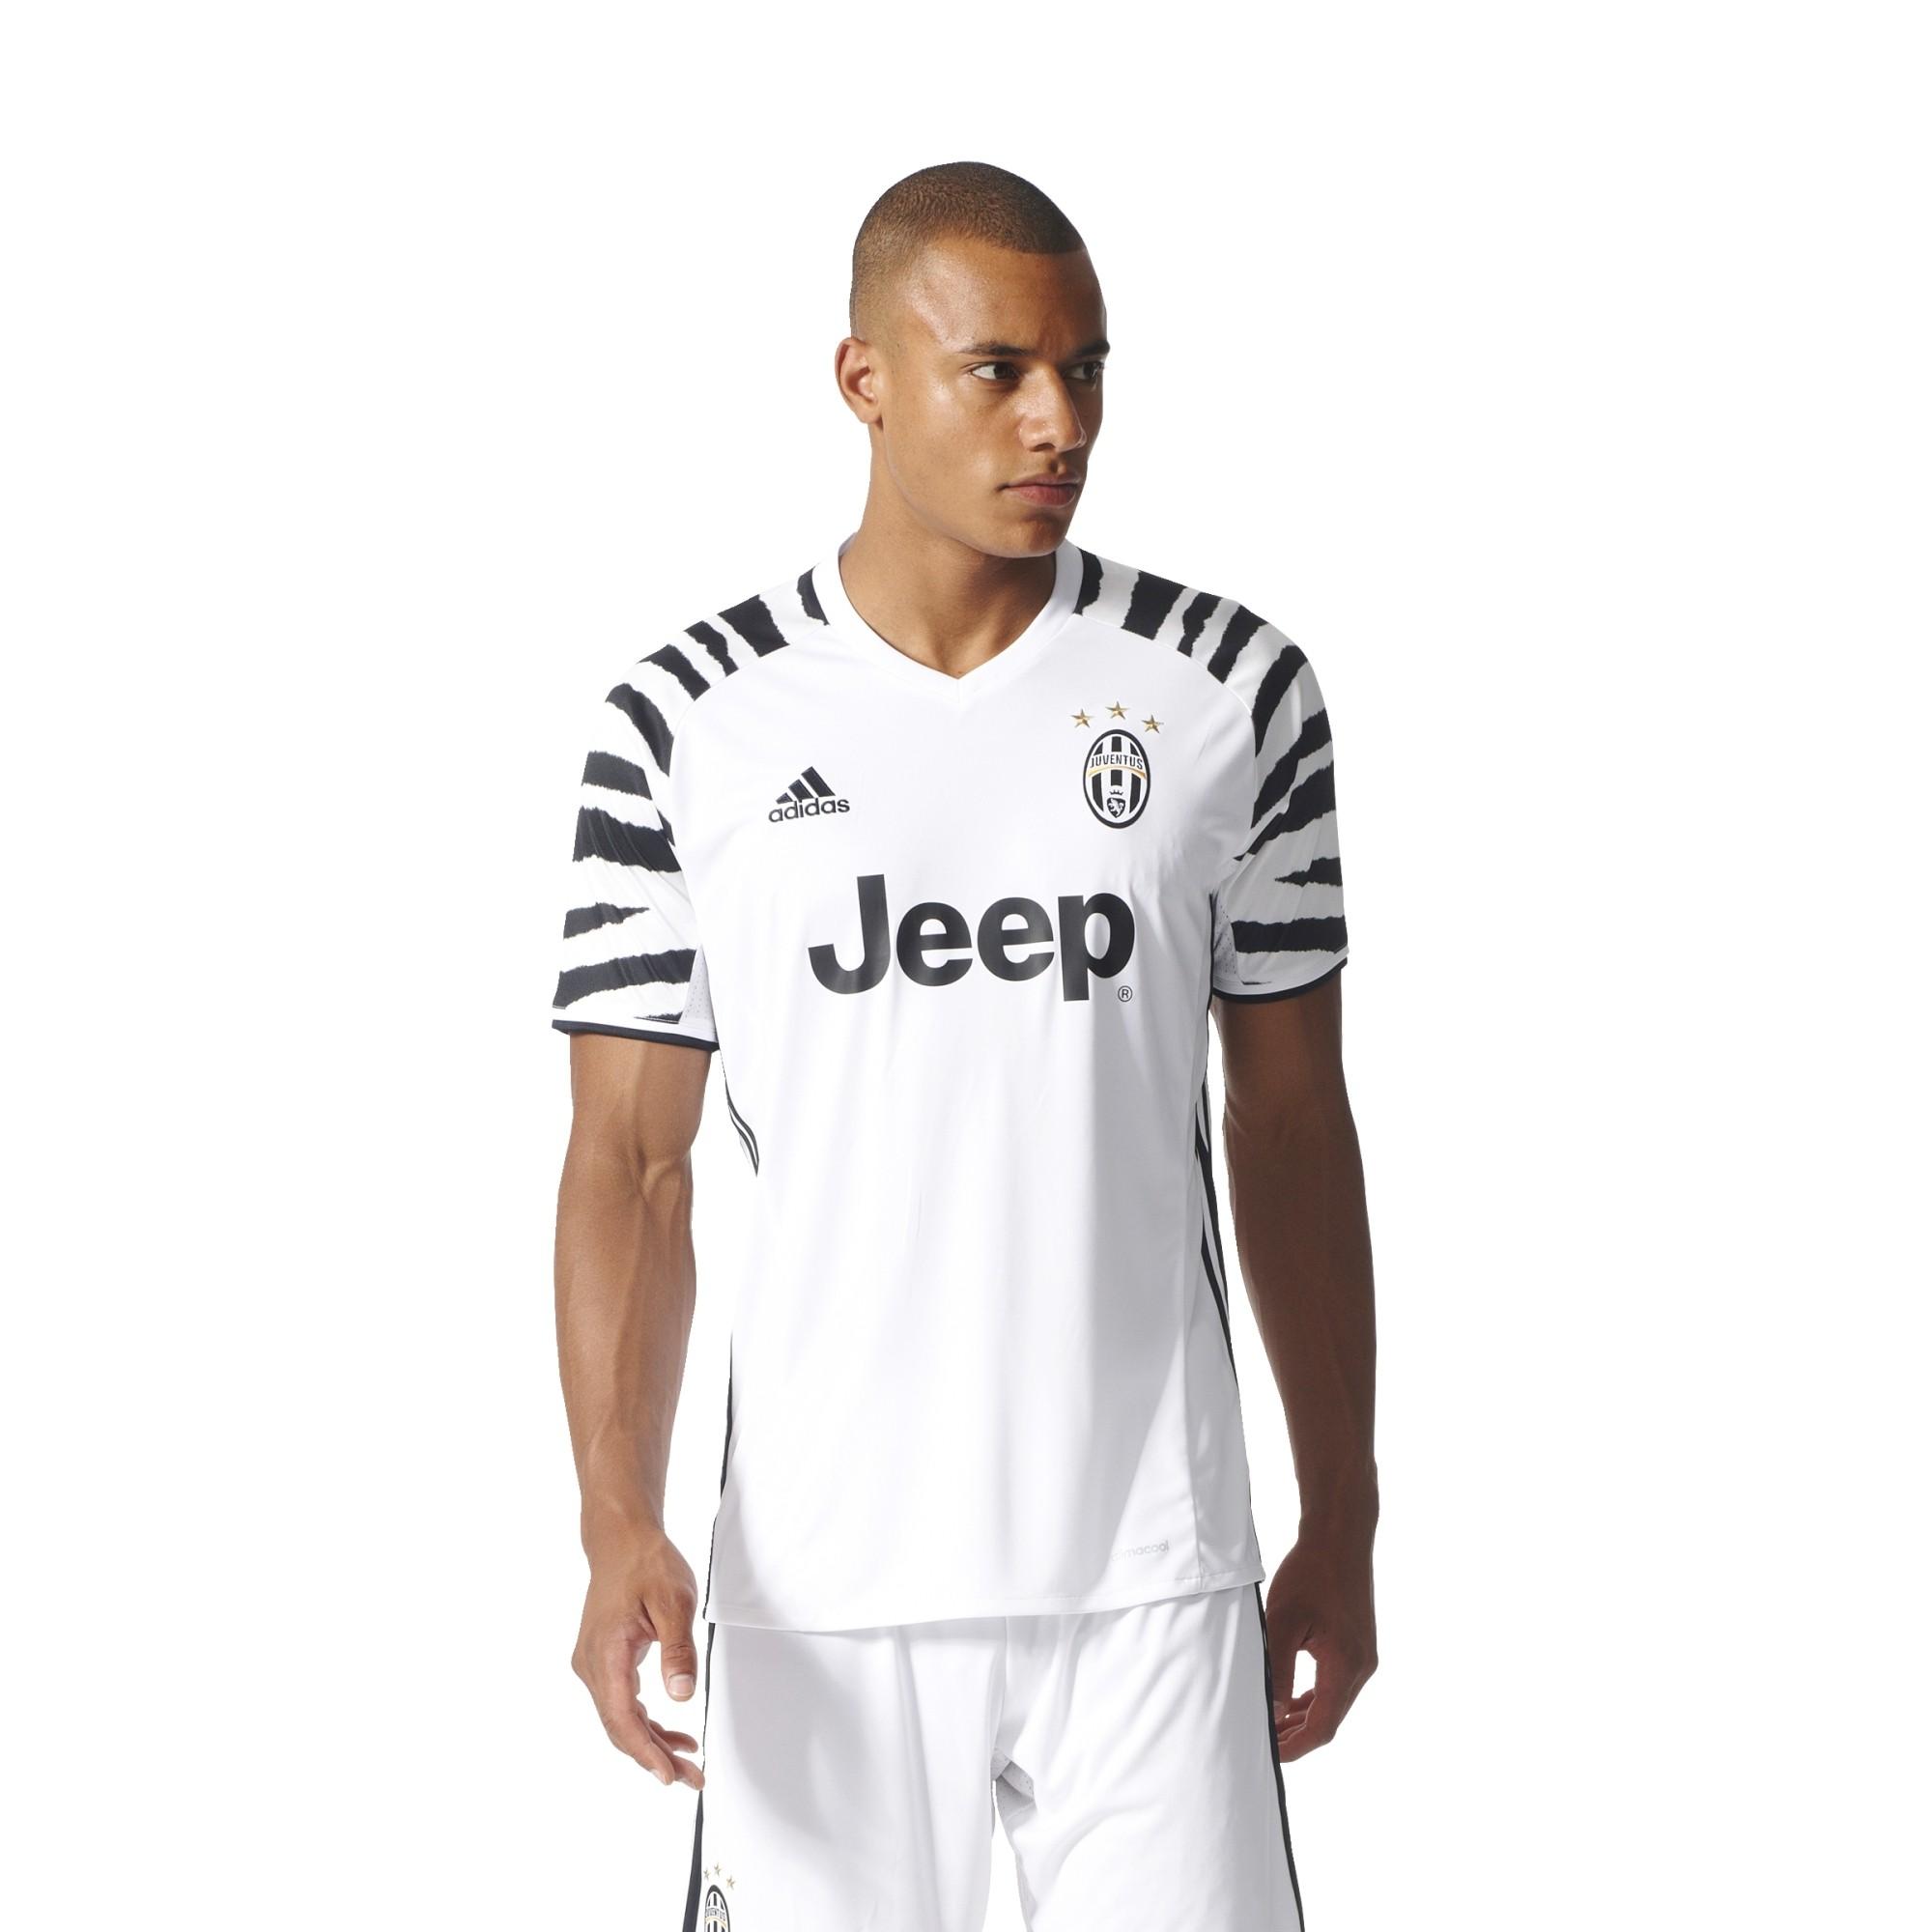 adidas maglia juve 2016